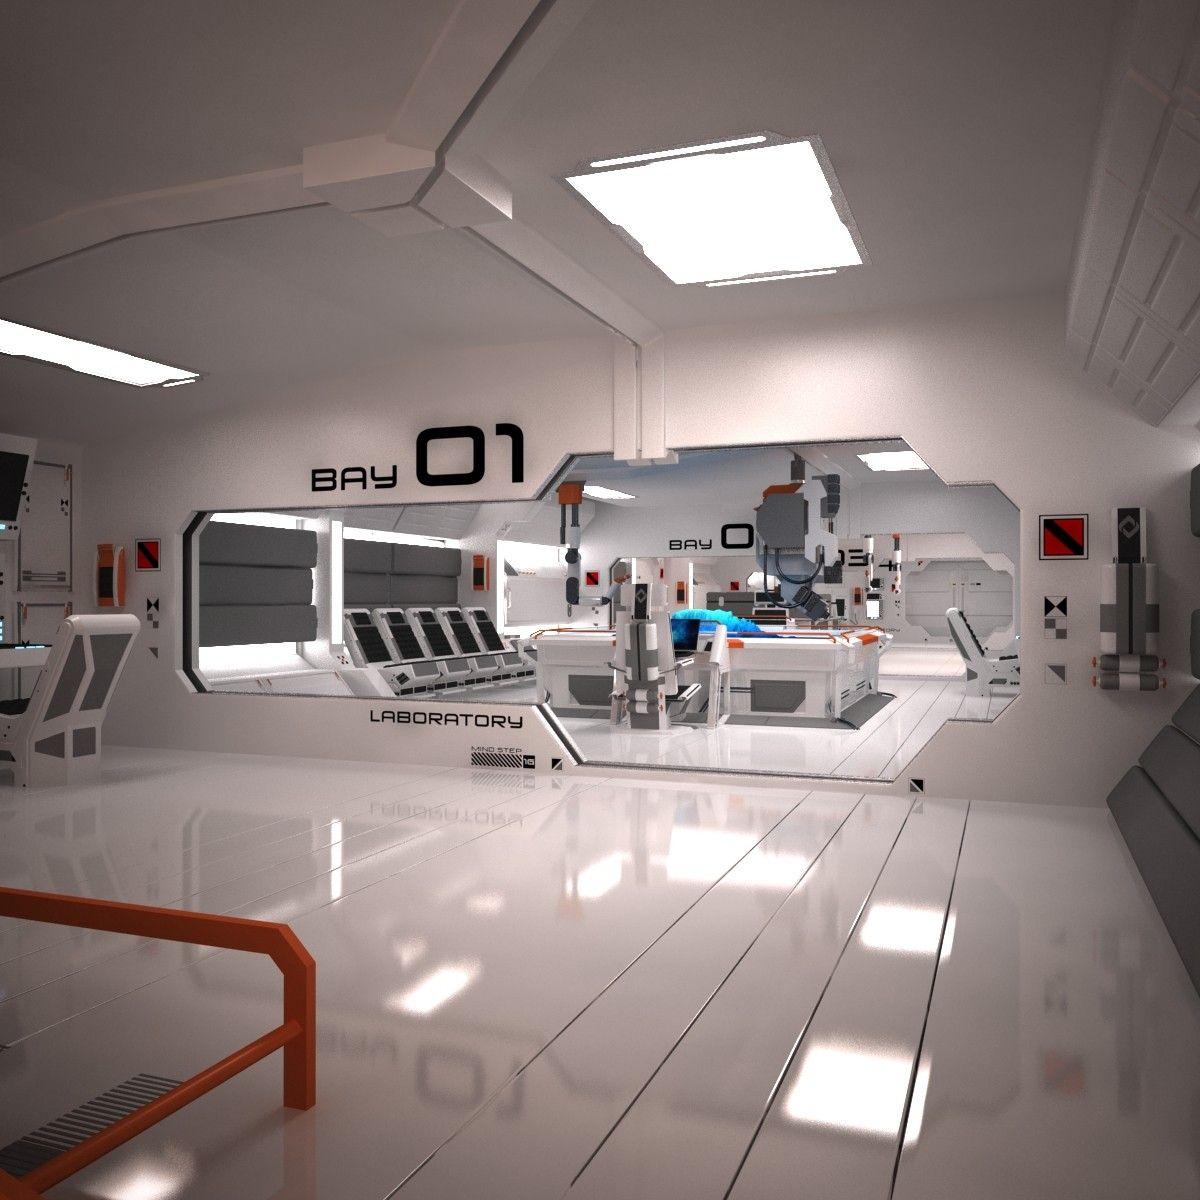 3ds Max Futuristic Sci Fi Laboratory Cool Image I Envisioned